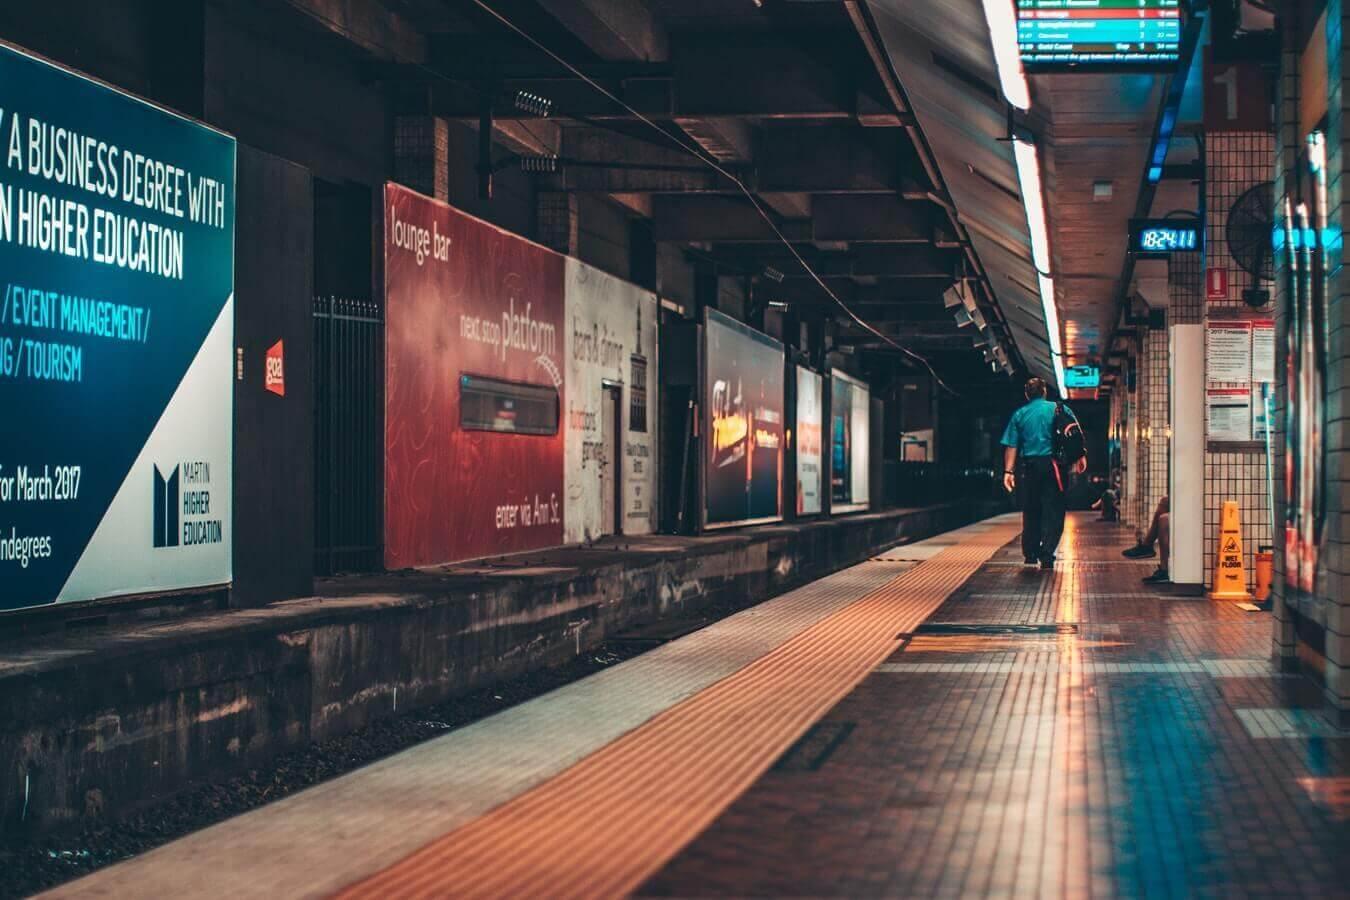 outdoor advertising, billboards